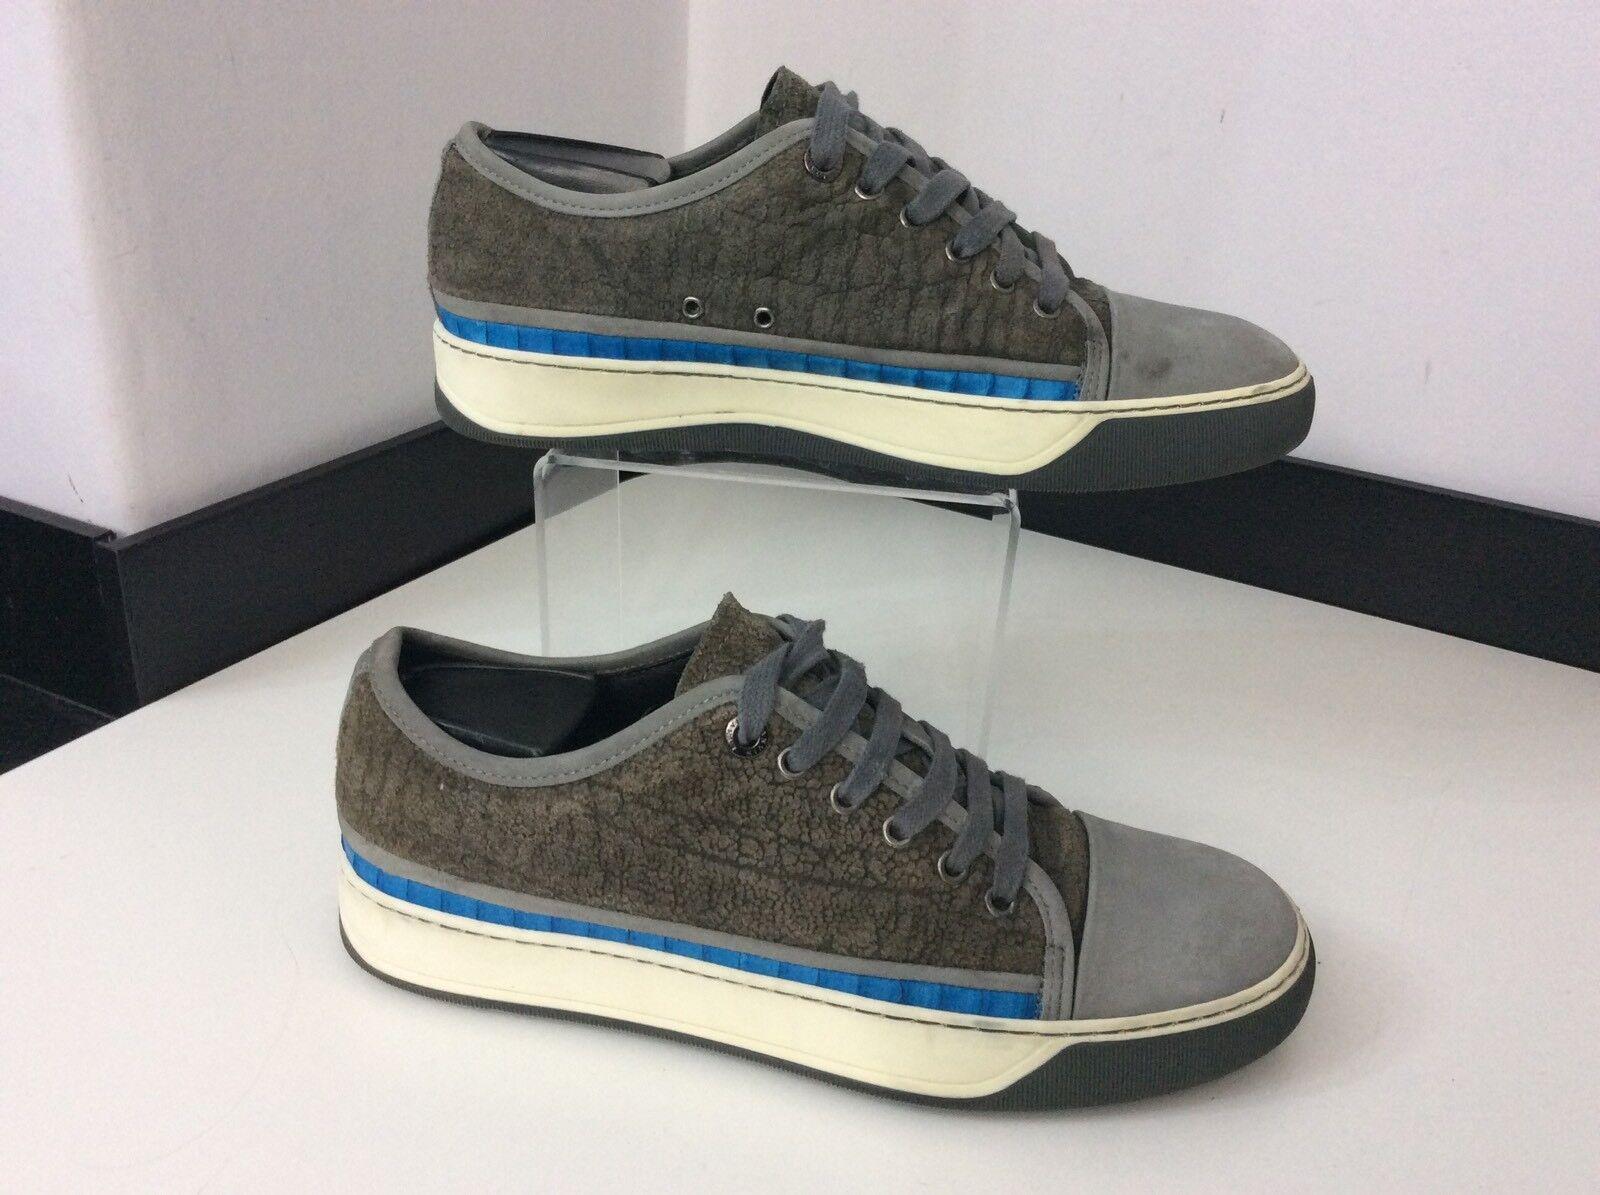 Lanvin Para hombre Zapatillas, Reino Unido 5 Eu39 Cuero gris, ribete azul, tenis, Zapatos, en muy buena condición